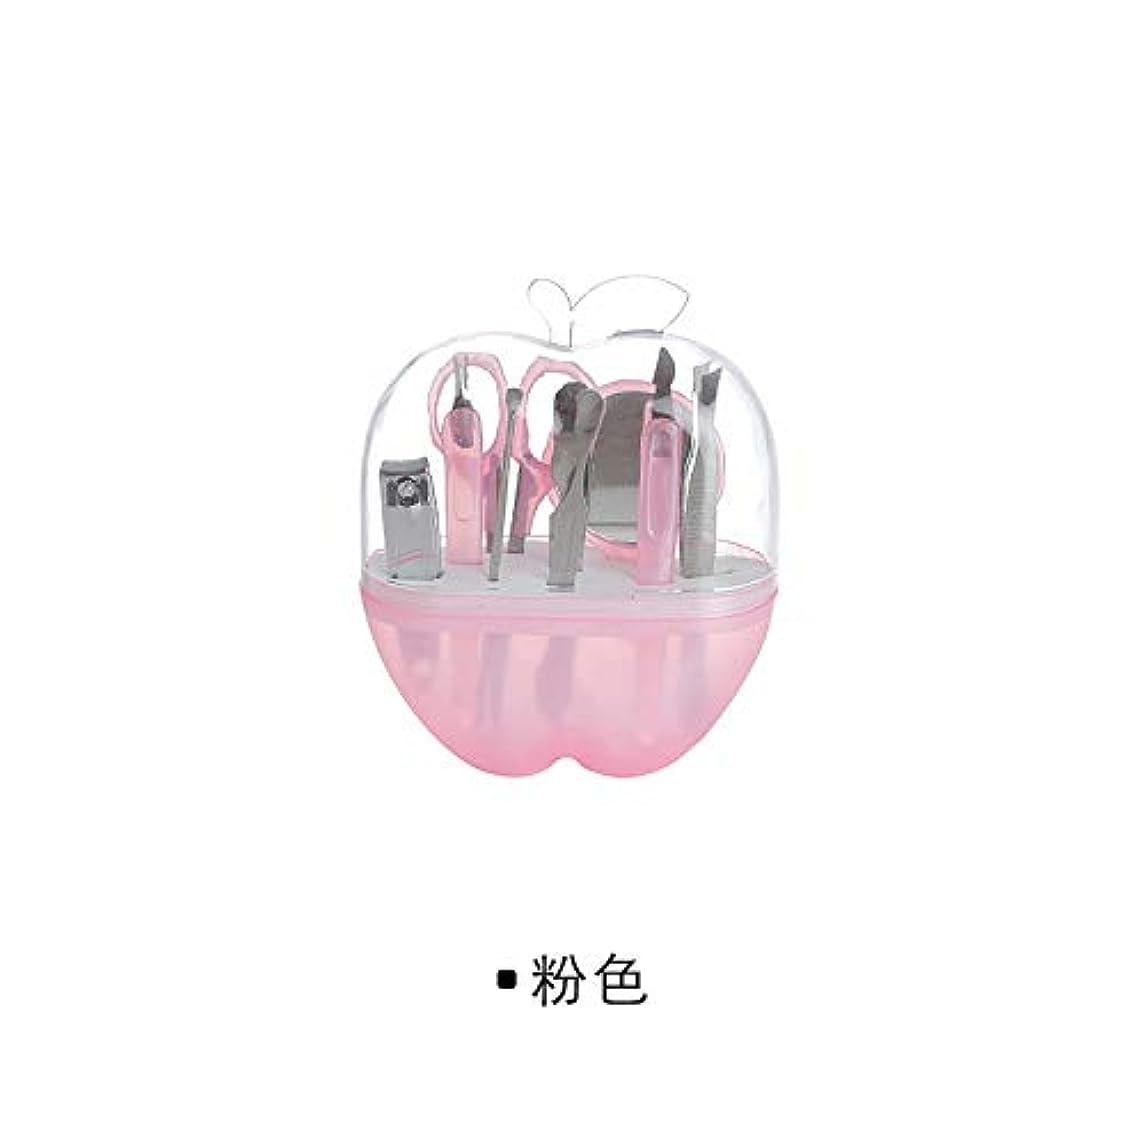 起業家申し立てイデオロギー1863アップル9個爪切り工具ステンレス鋼爪切り工具爪切り機爪美セット